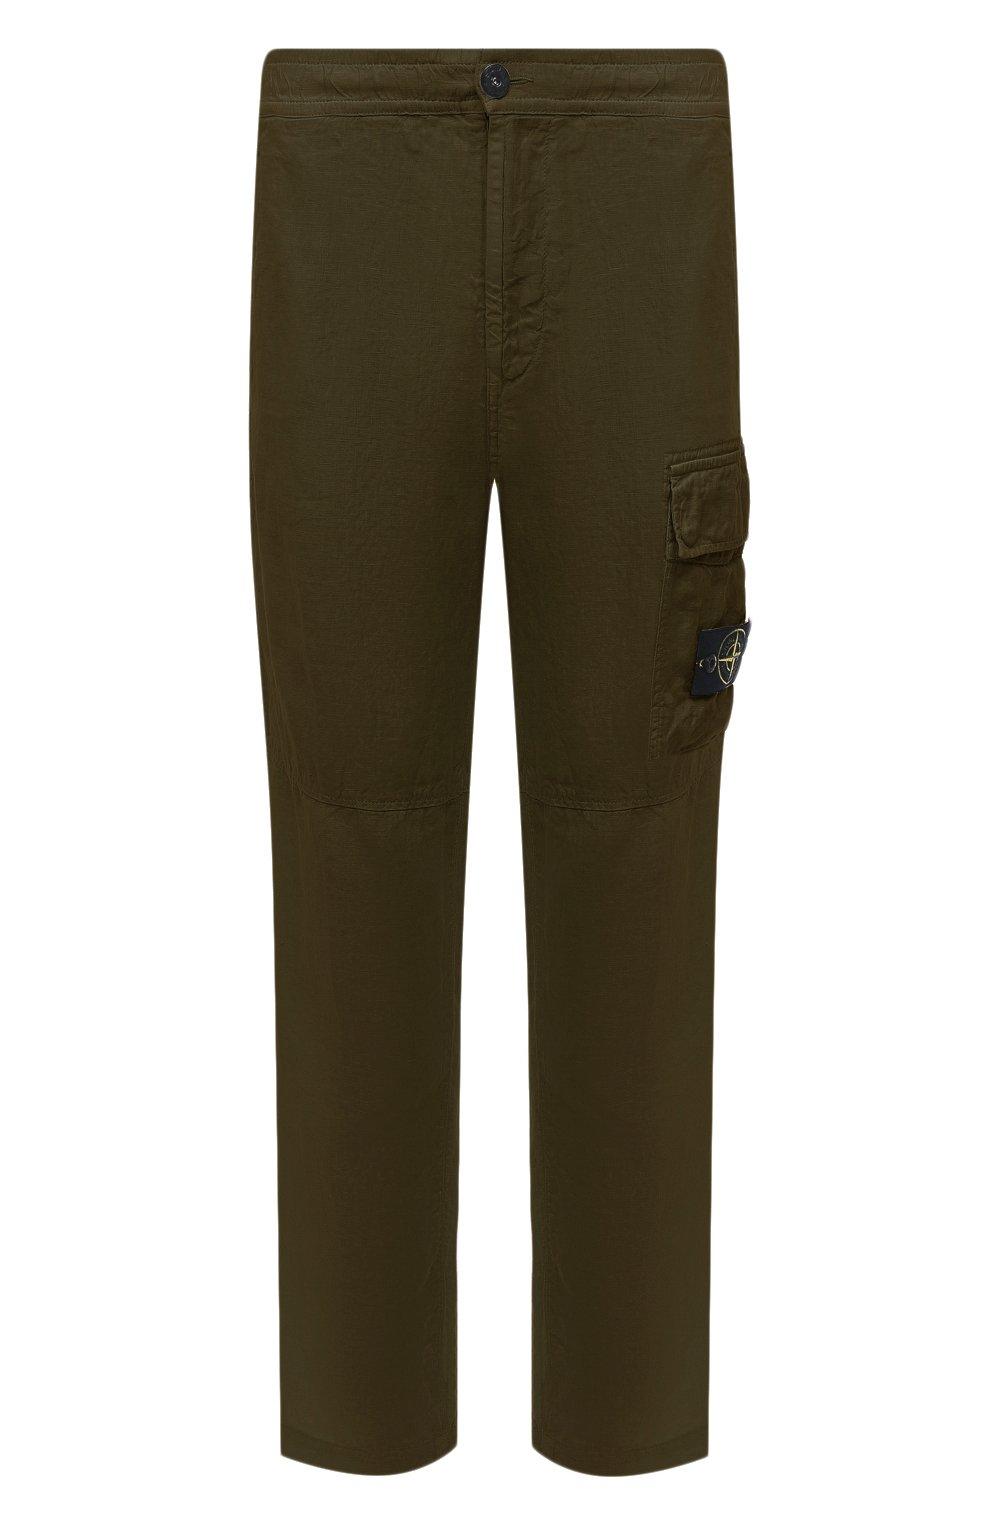 Мужские льняные брюки-карго STONE ISLAND хаки цвета, арт. 741531601   Фото 1 (Силуэт М (брюки): Карго; Длина (брюки, джинсы): Стандартные; Случай: Повседневный; Стили: Милитари; Материал внешний: Лен)